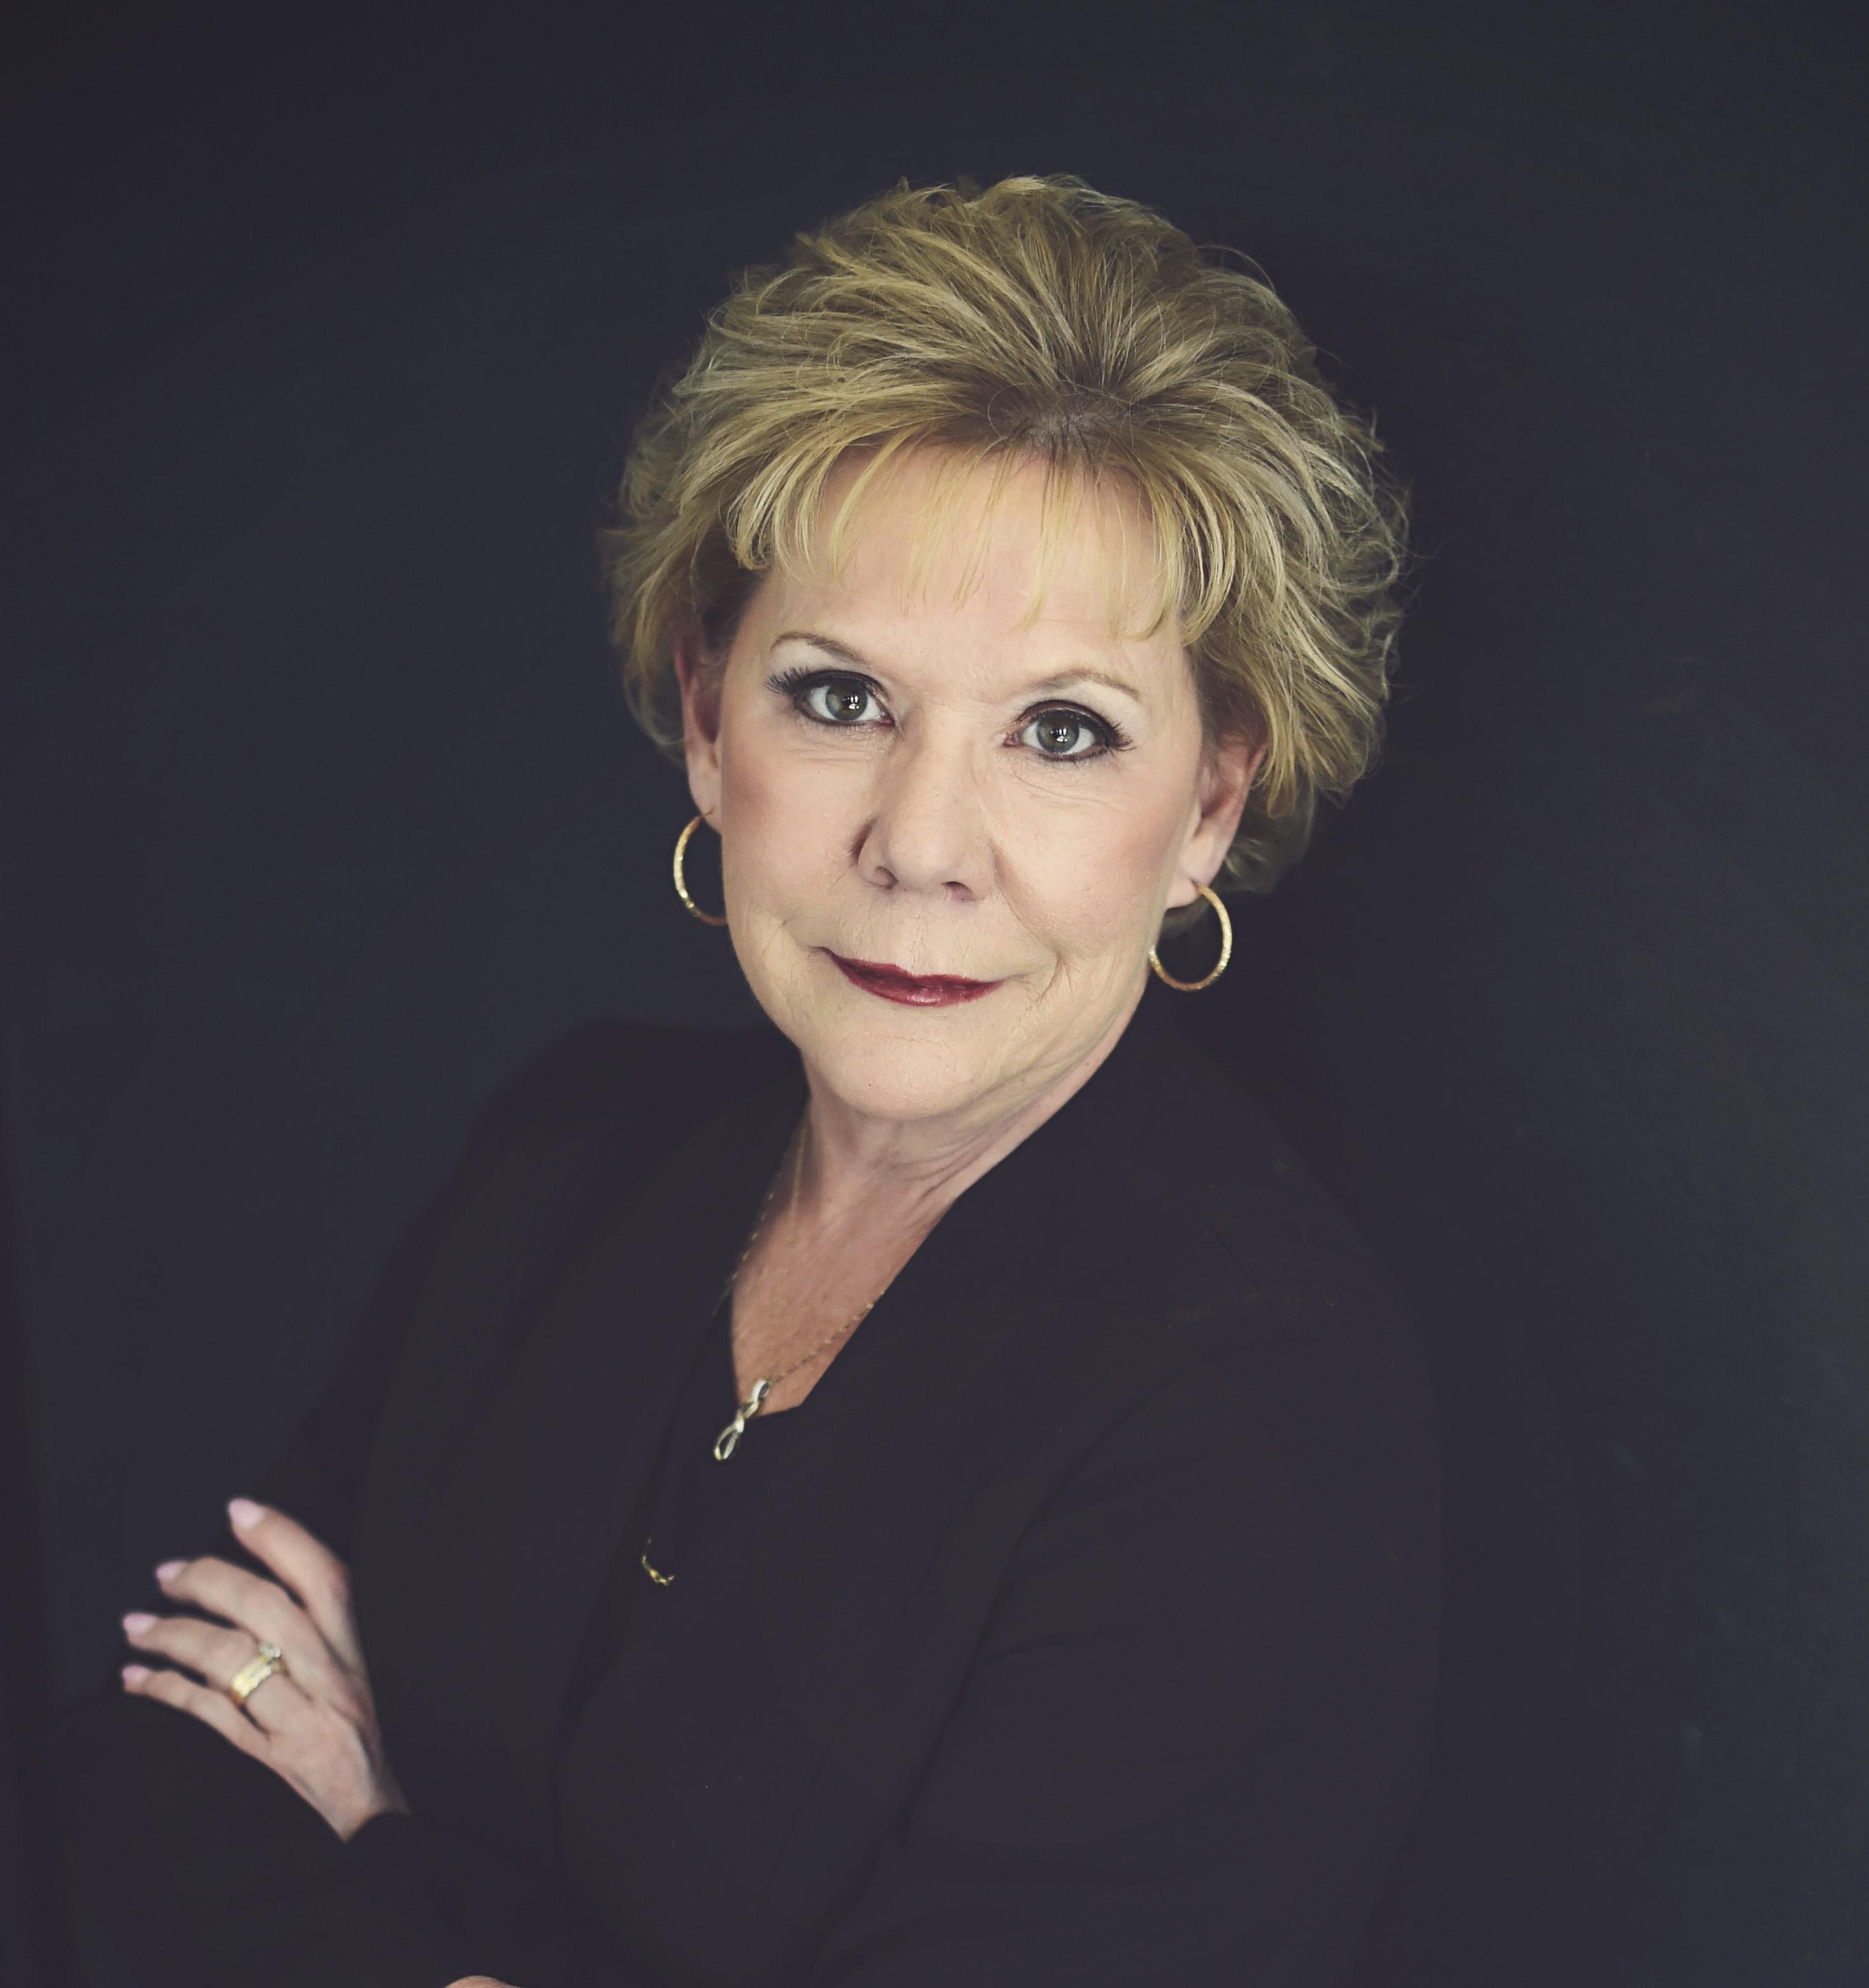 Brenda Ritter Portrait